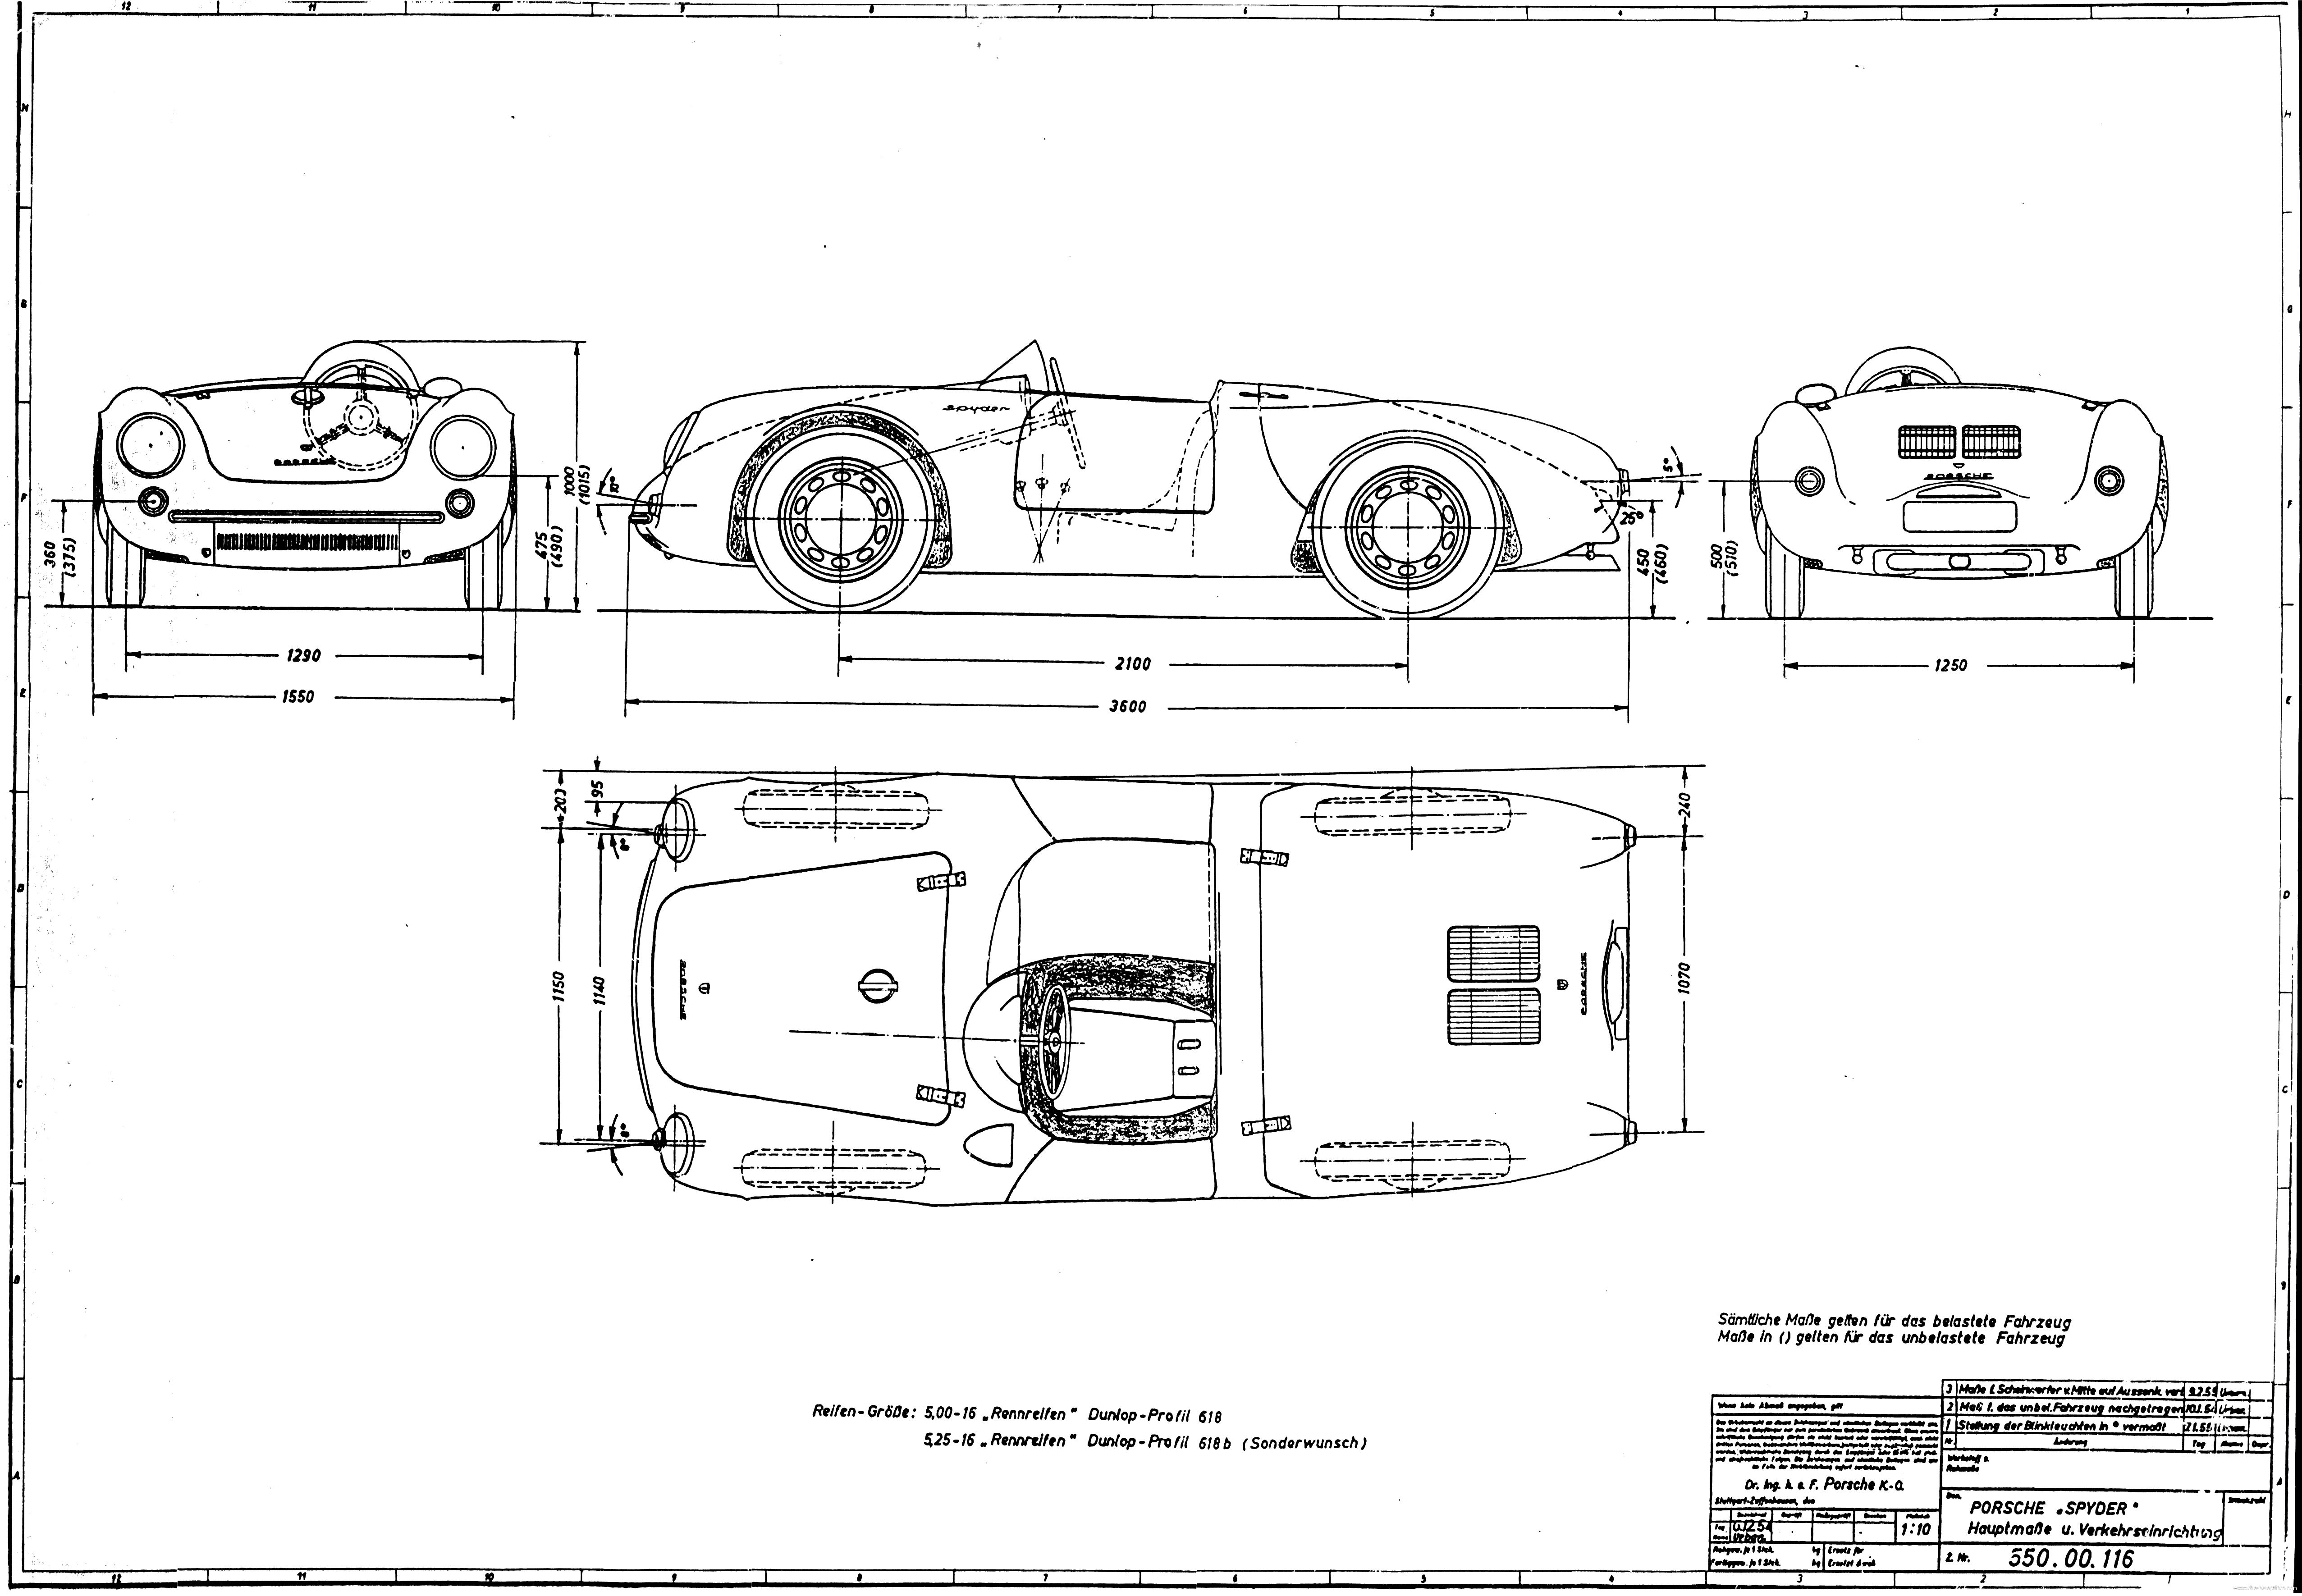 porsche 550 blueprint … | Porsche | Porsche 550, Porsche, Porsche on porsche 356 oil pump, porsche 356 engine diagram, porsche 356 capacitor, porsche 356 tools, porsche 356 engine swap, porsche 356c wiring diagram, porsche 356 distributor, porsche 991 wiring diagram, porsche 356 manuals, porsche 928 wiring diagram, porsche 911 wiring-diagram, porsche 912 wiring diagram, porsche 356a wiring diagram, porsche 356 cylinder head, porsche cayenne wiring diagram, porsche 356 air conditioning, porsche boxster wiring diagram, porsche 356 electrical wiring, porsche 356 door, porsche 944 wiring diagram,